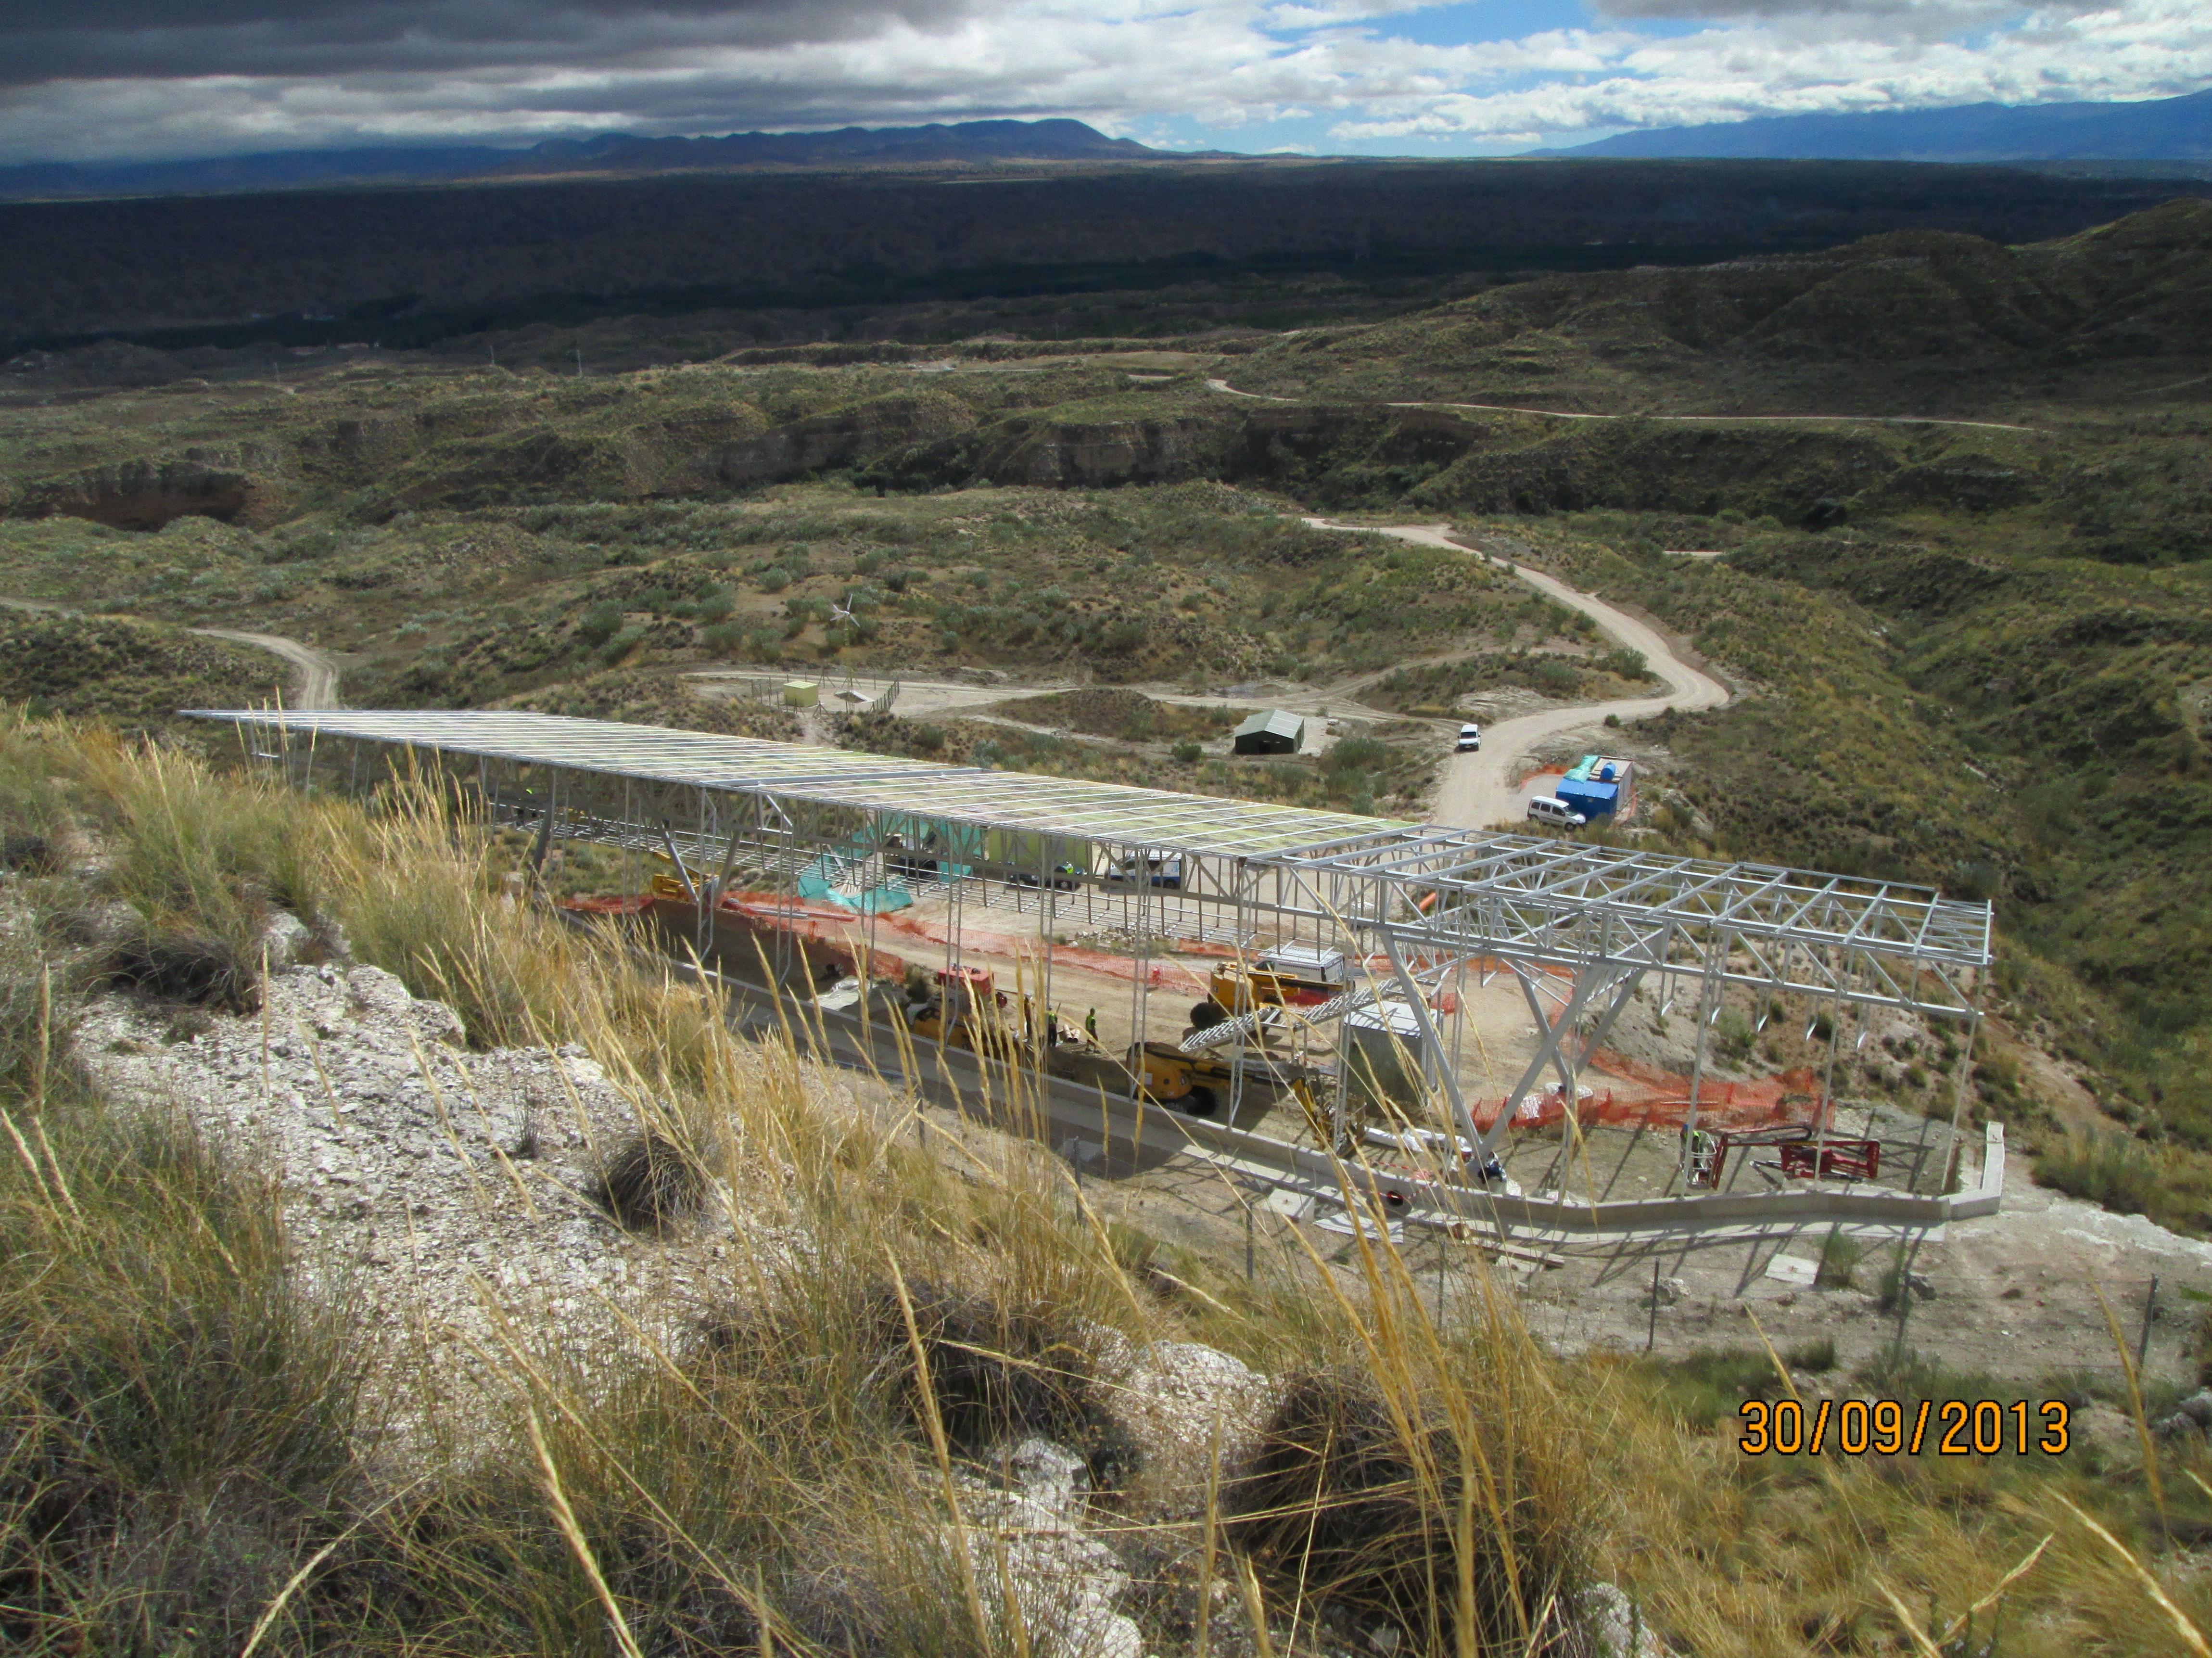 """VISTA GENERAL - Estación Paleontológica """"Valle del río Fardes"""" - YACIMIENTO PALEONTOLOGICO - FONELAS P-1 (GRANADA), Promotor; INSTITUTO GEOLÓGICO Y MINERO DE ESPAÑA (IGME)"""